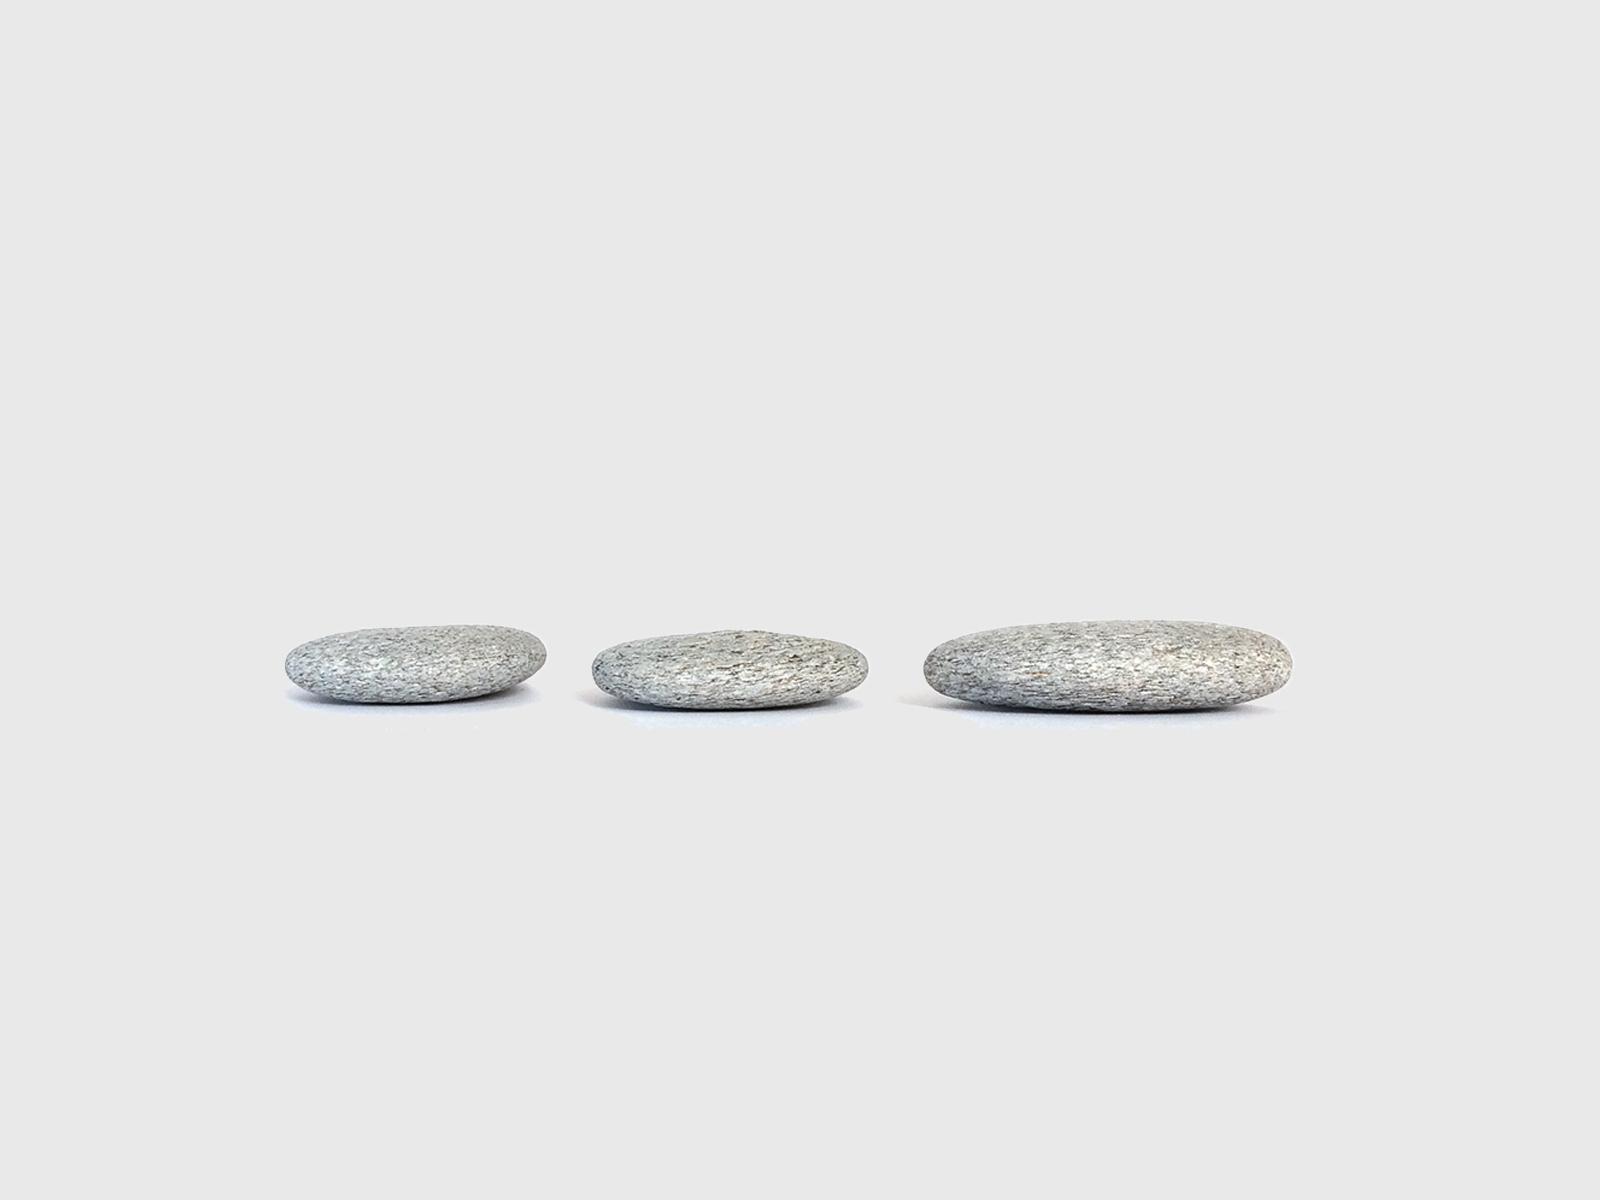 Skippy Stones